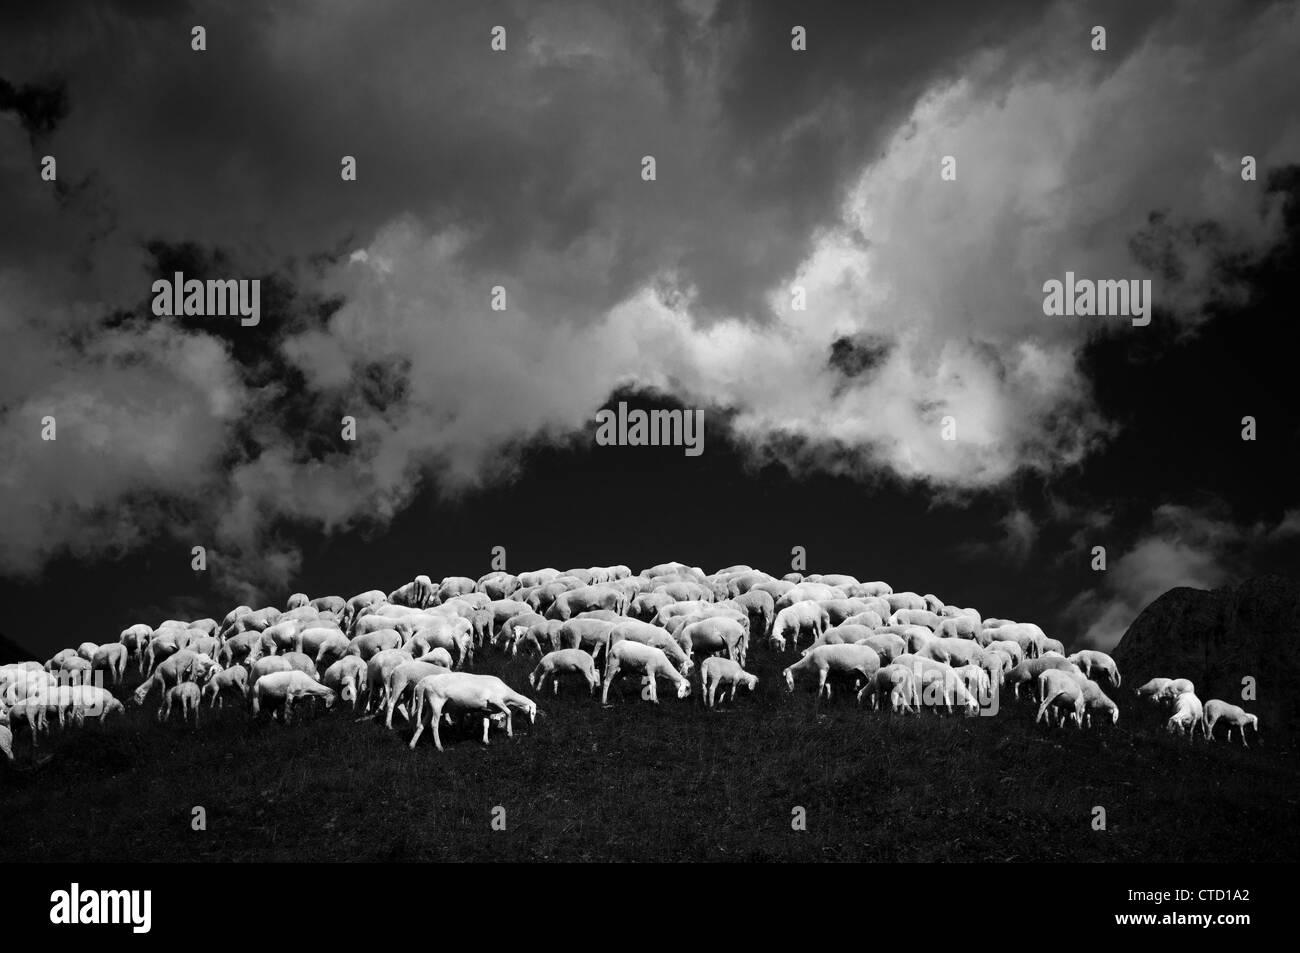 Flock of sheep on hillside - Stock Image